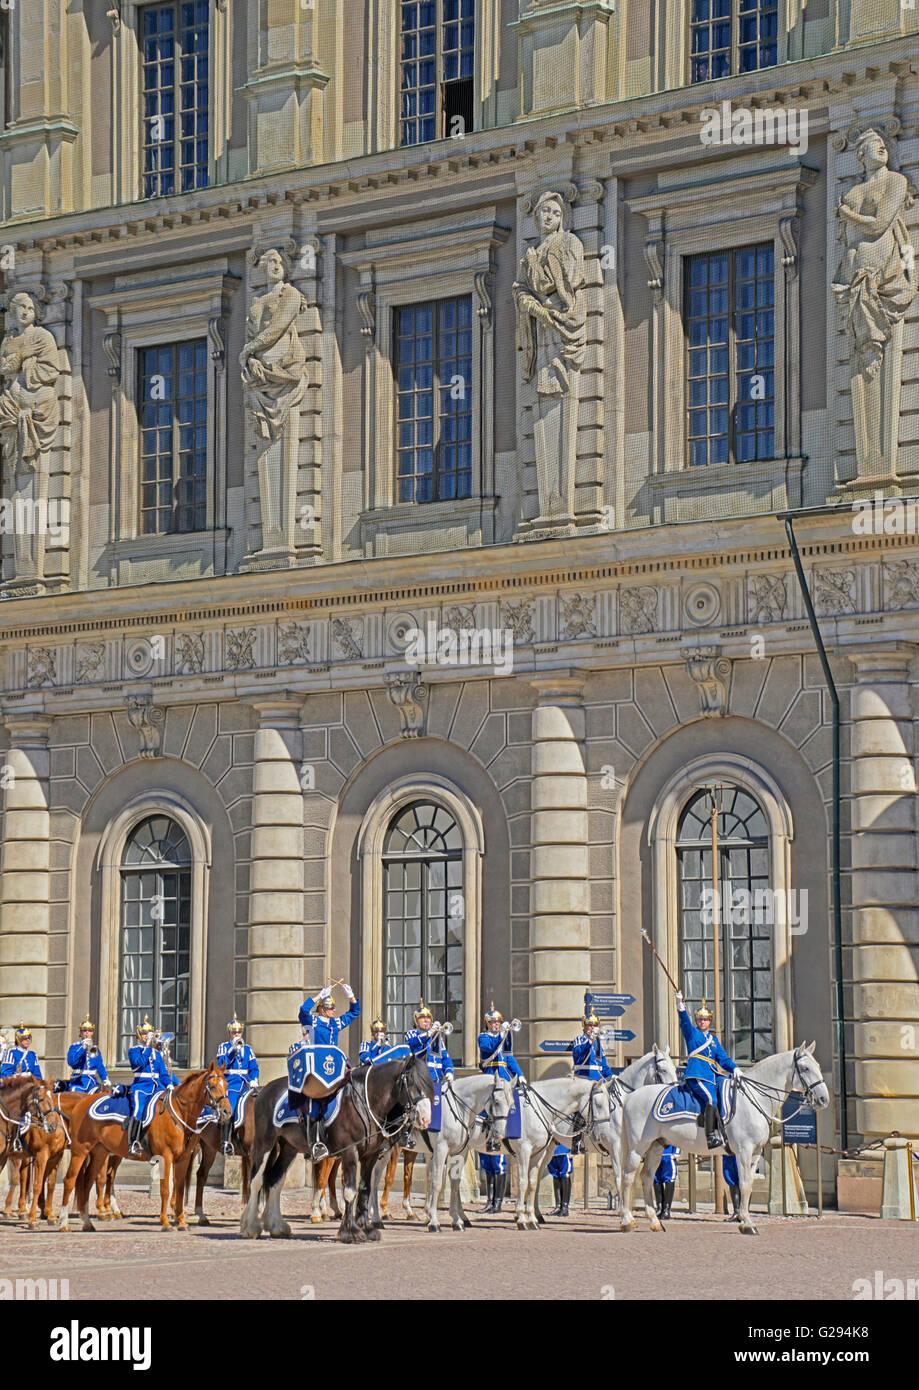 Cambio de Guardia en el Palacio Real de Estocolmo, Suecia. Imagen De Stock